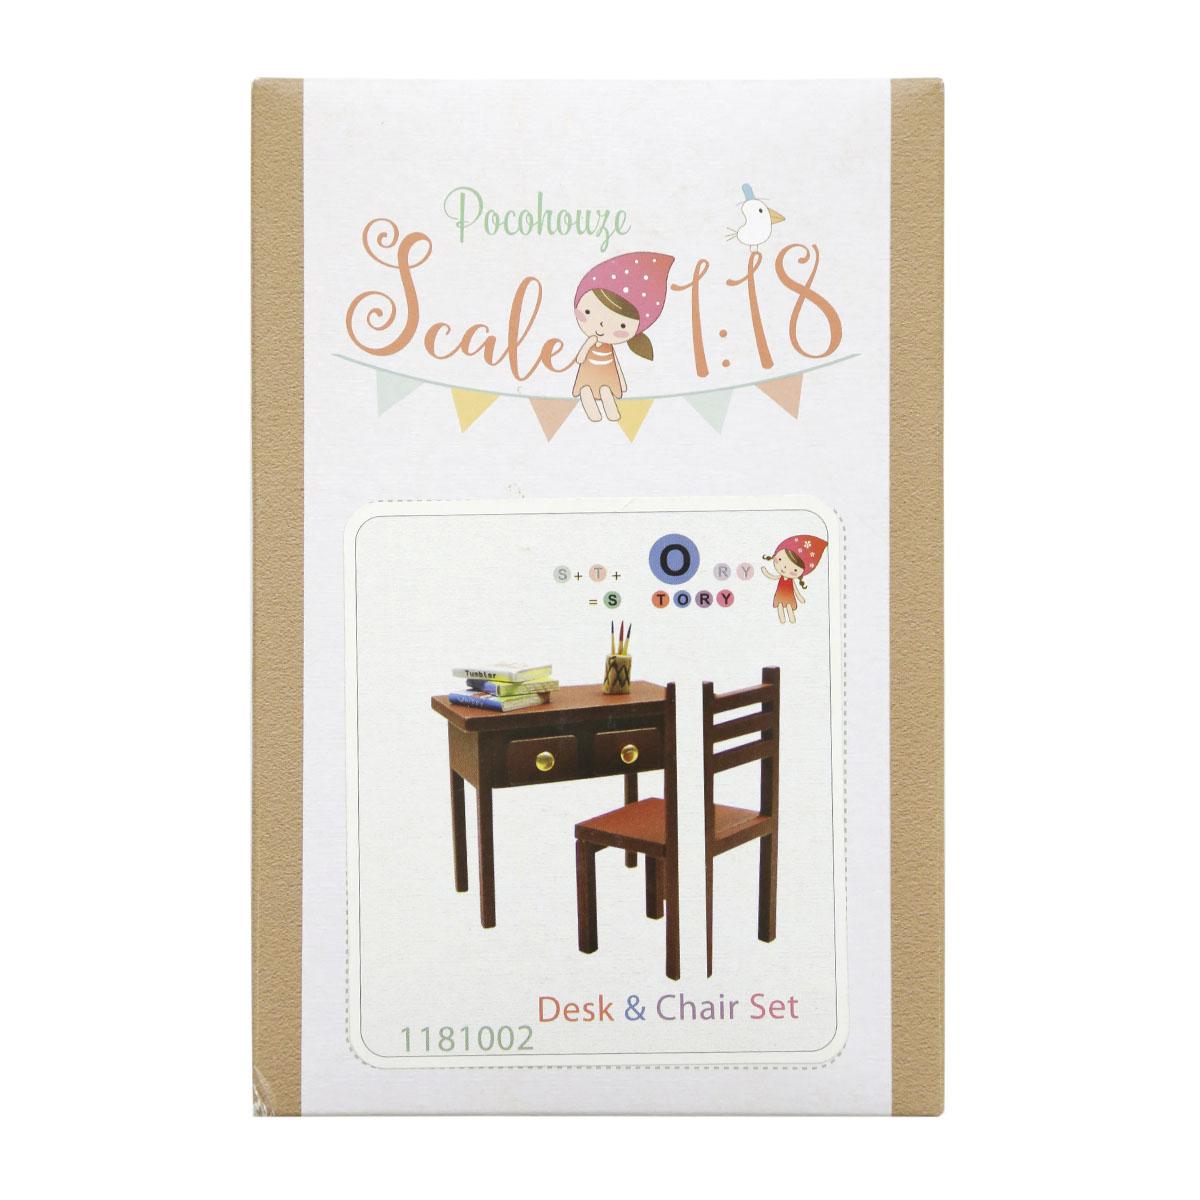 Набор для изготовления миниатюры Pocohouse Стол и стул. 1181002 бернадетт куксарт лепим мебель для кукольного дома